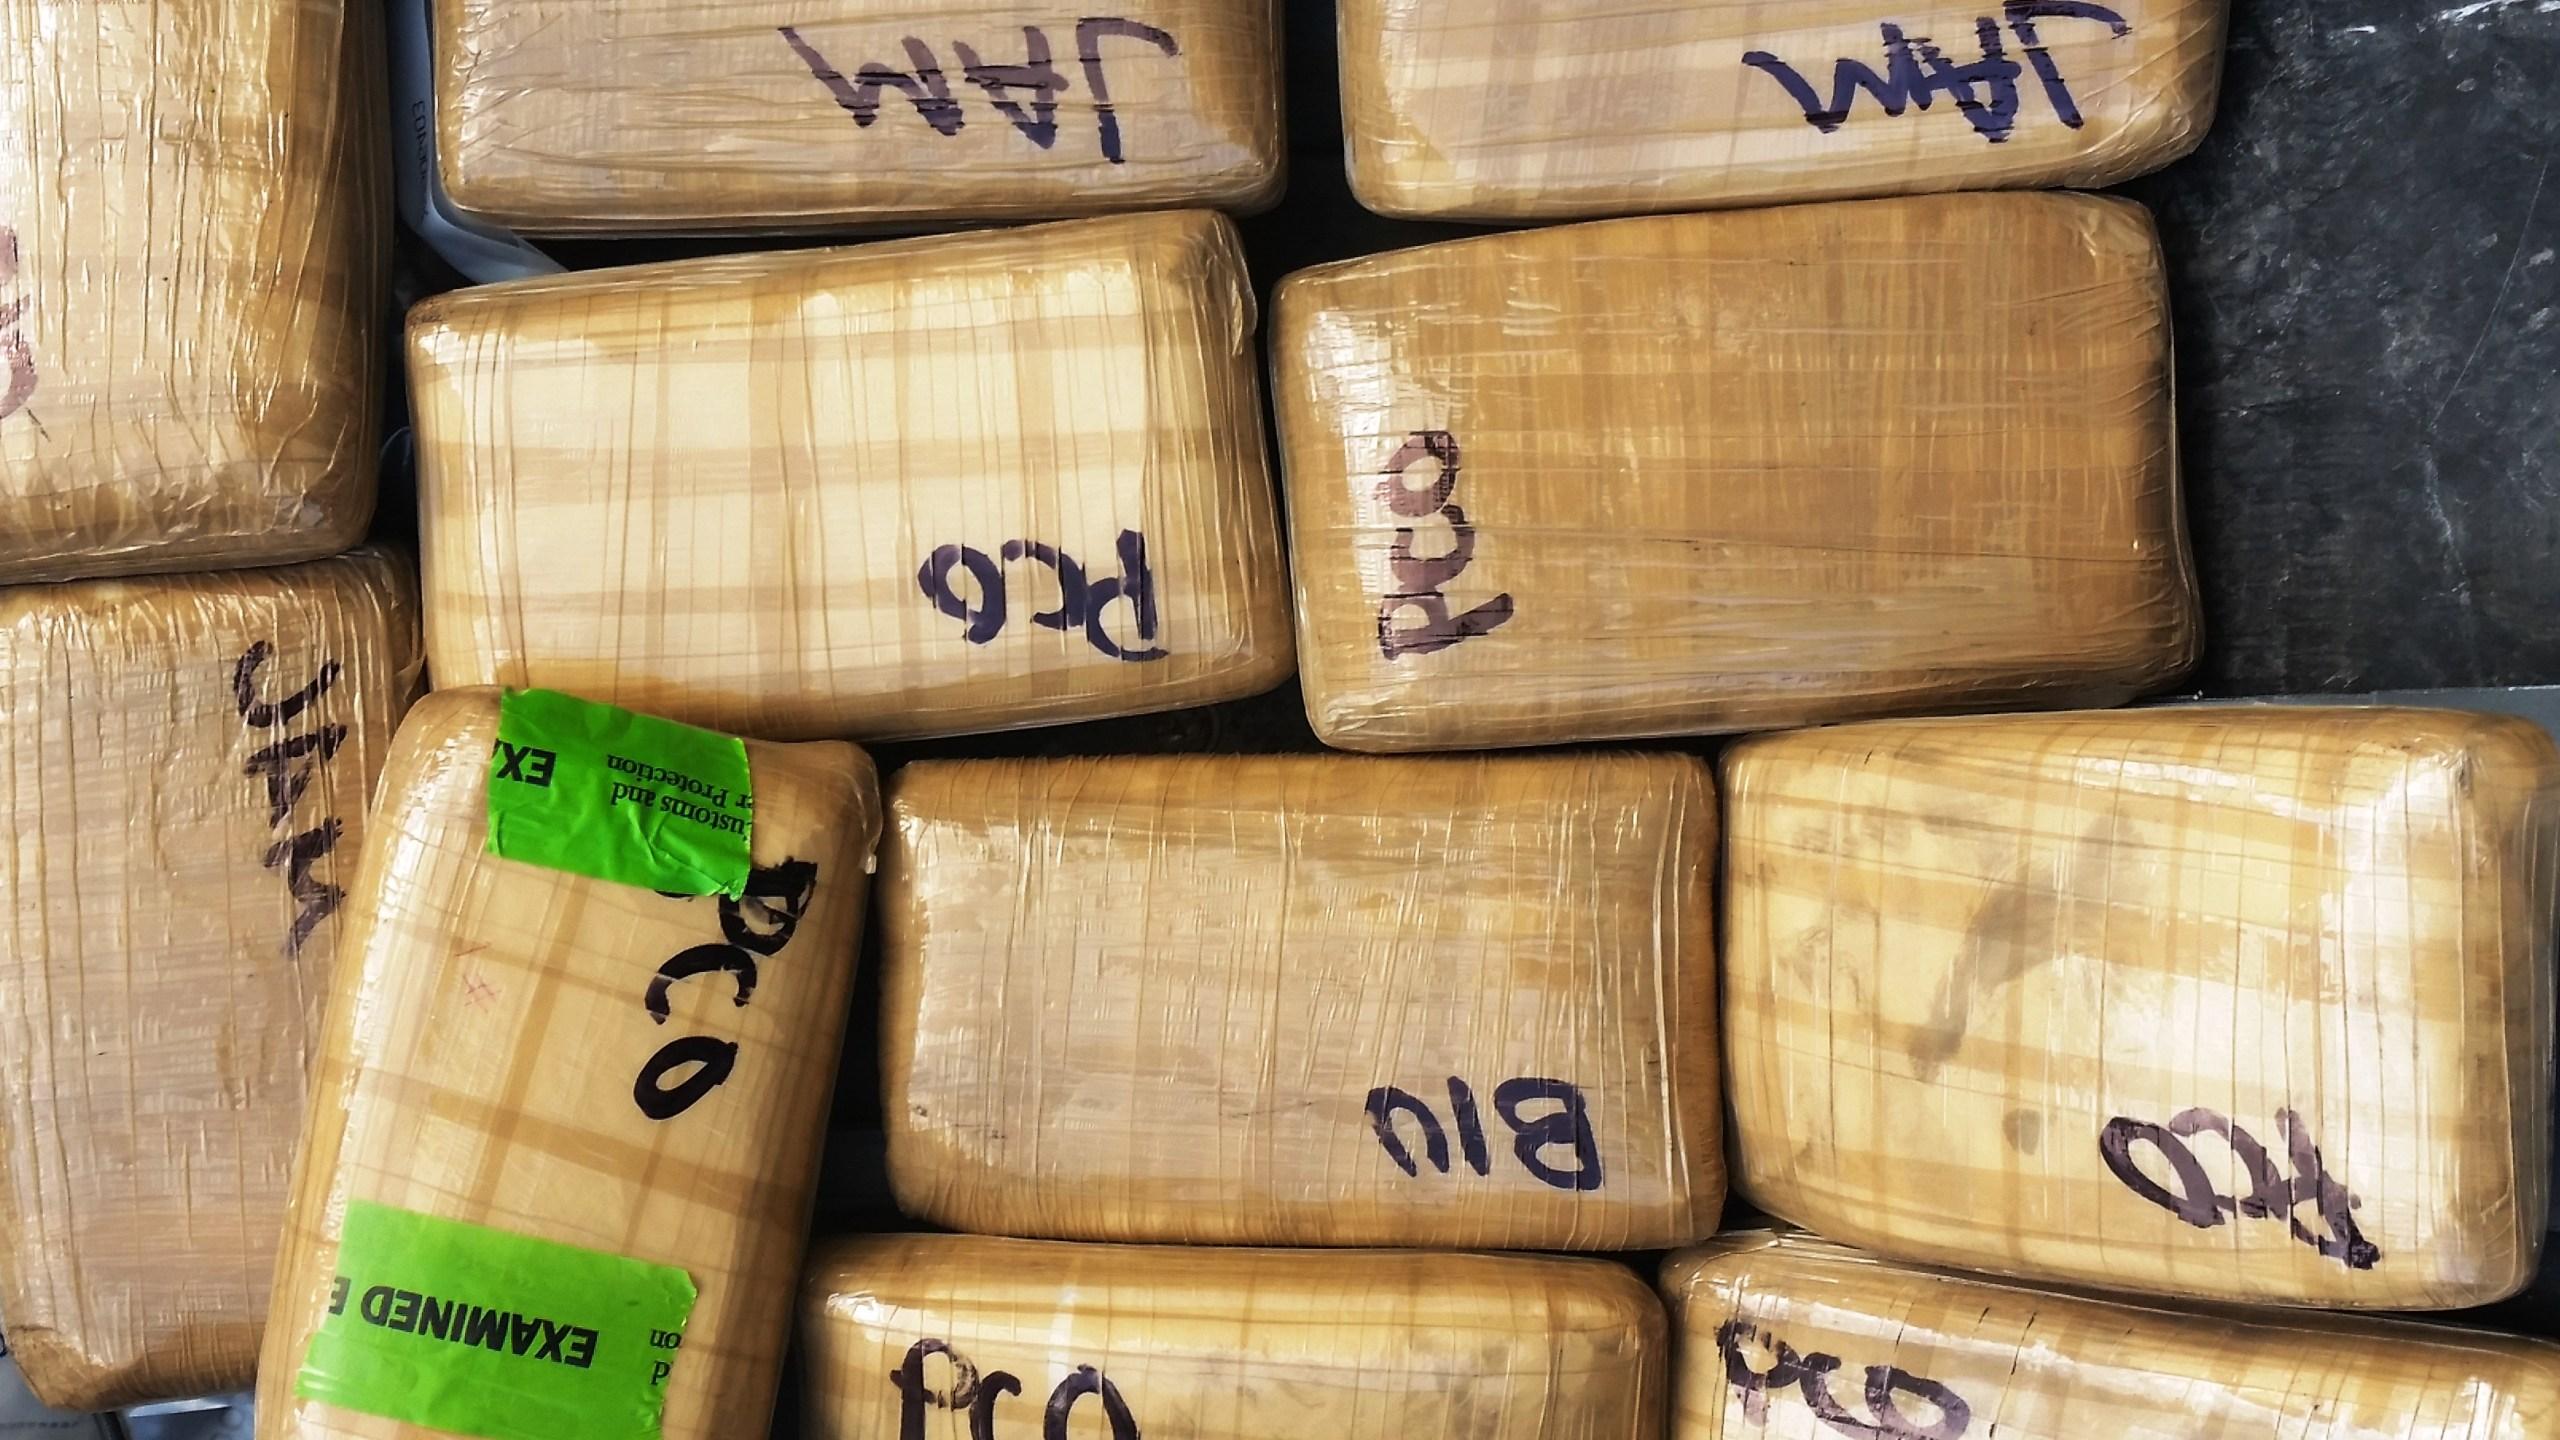 04142017 Pharr Cocaine Seizure, Courtesy CBP Hidalgo_1492526366089.jpg